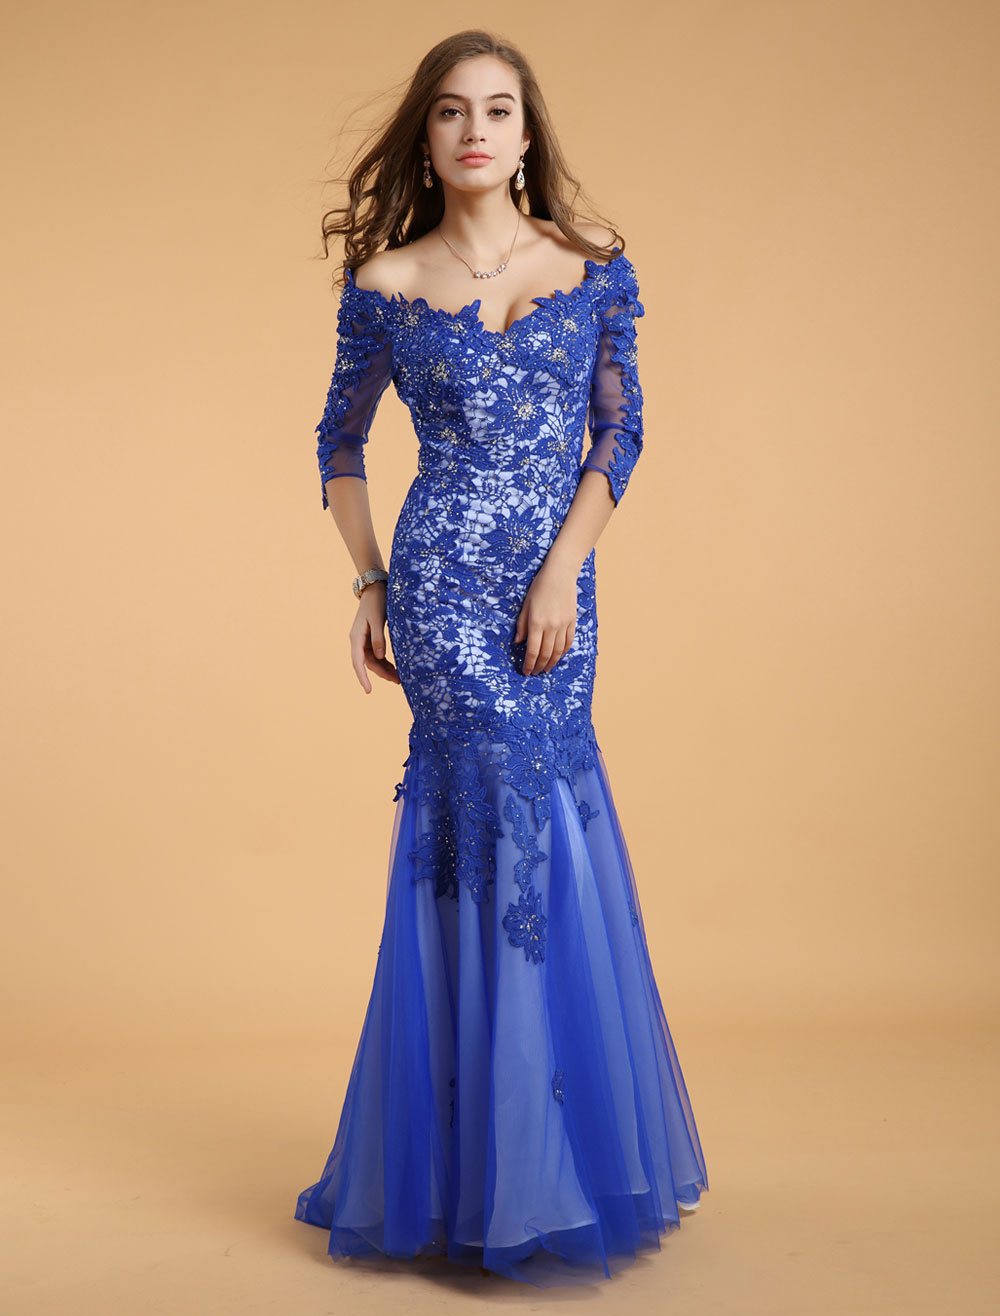 Vestido sereia com renda azul